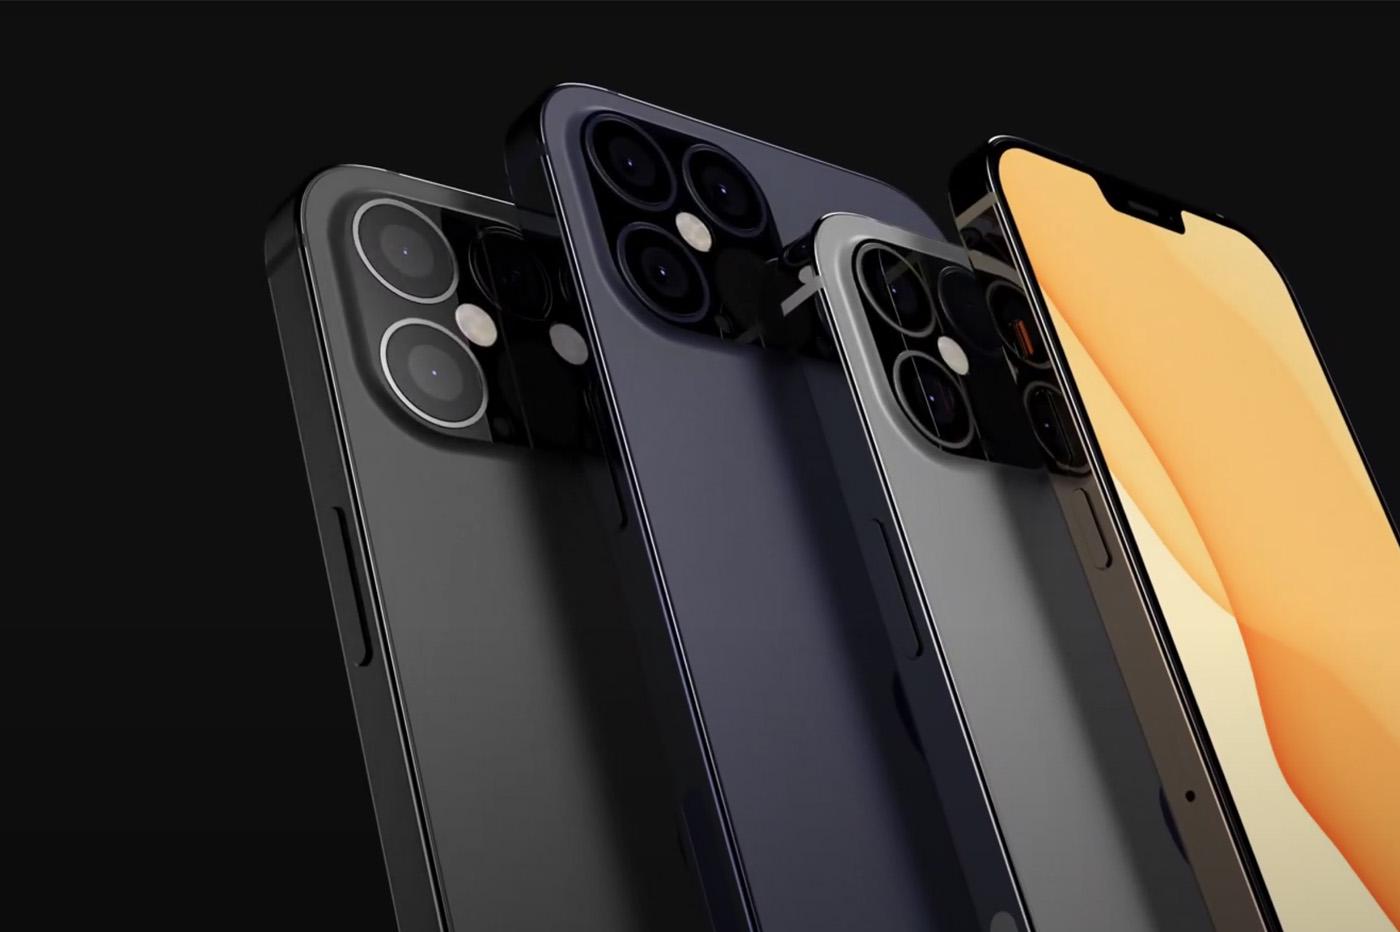 iphone 12 video - iPhone 12 : prix, design, écran, photo, sortie... Ce que l'on sait du smartphone événement